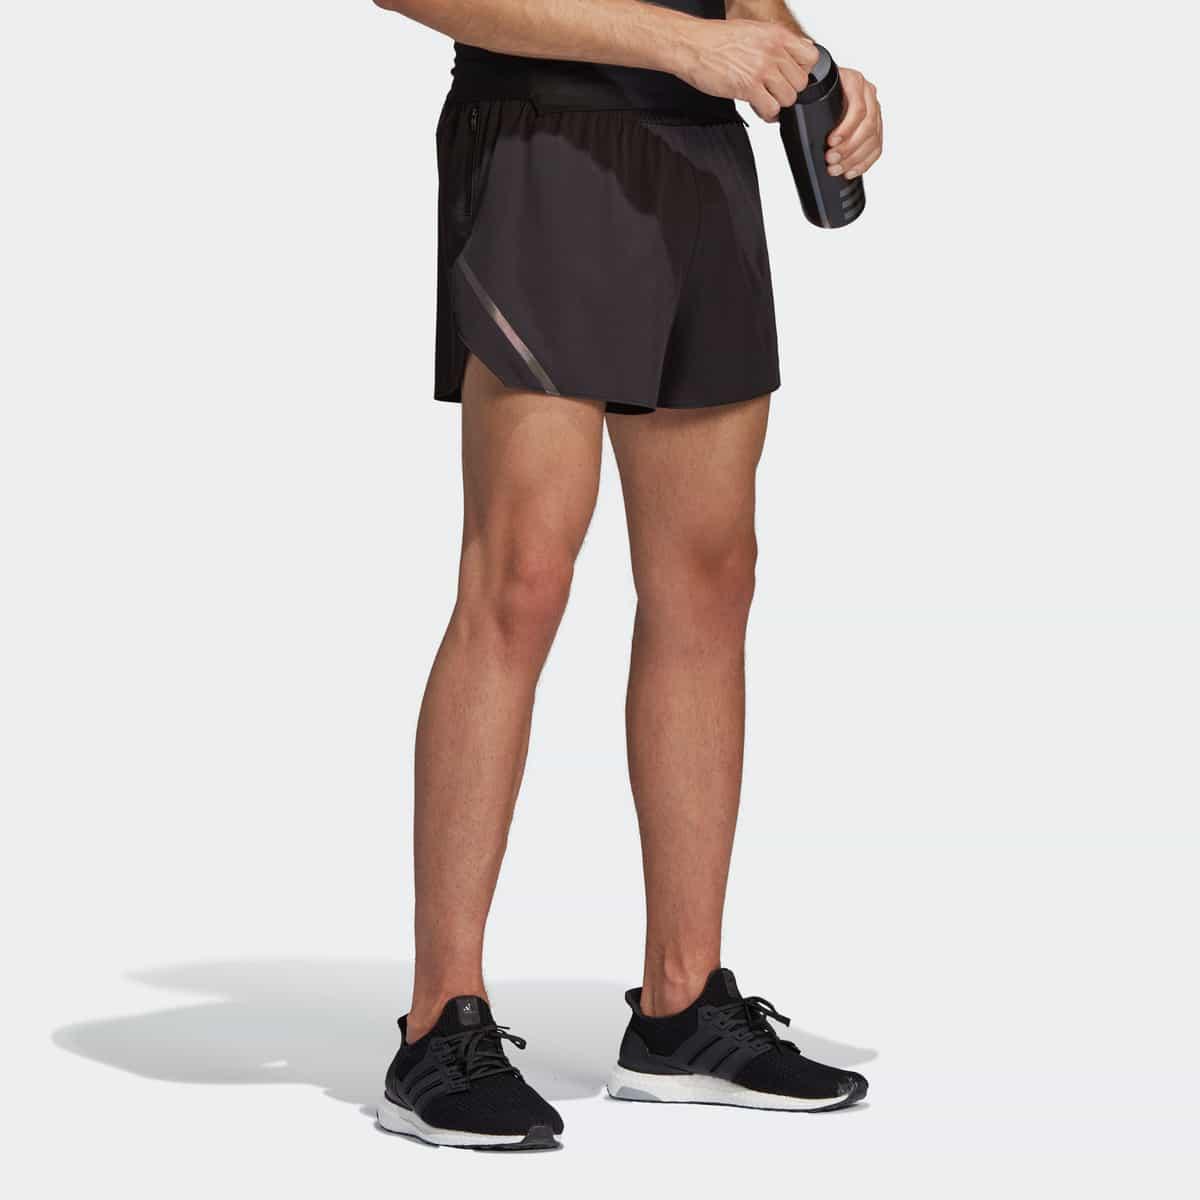 Adidas Runr Splt Short Black